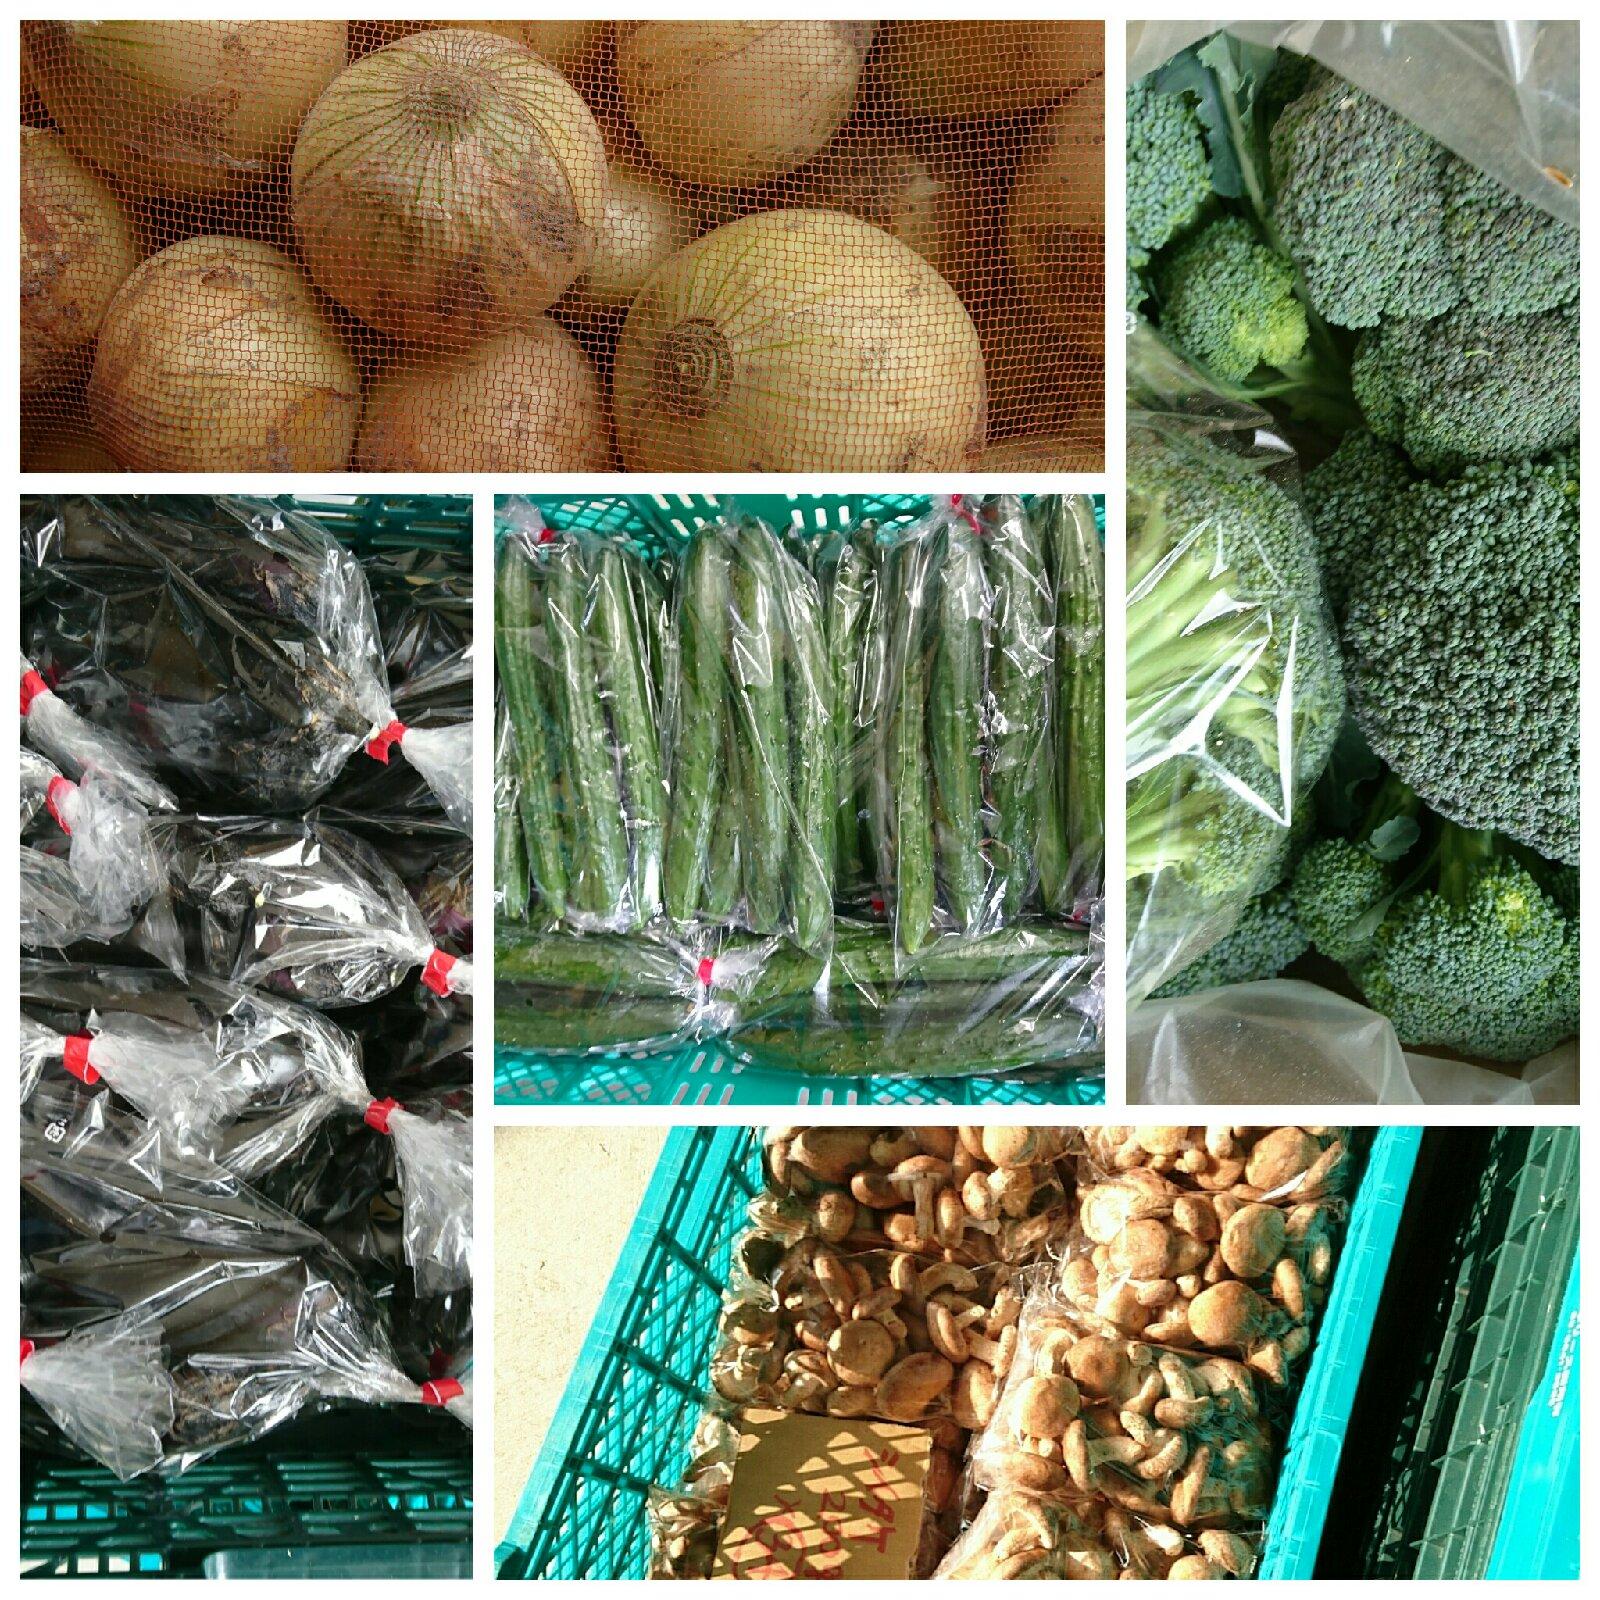 福袋野菜セットno.2 野菜/セット・詰め合わせ通販